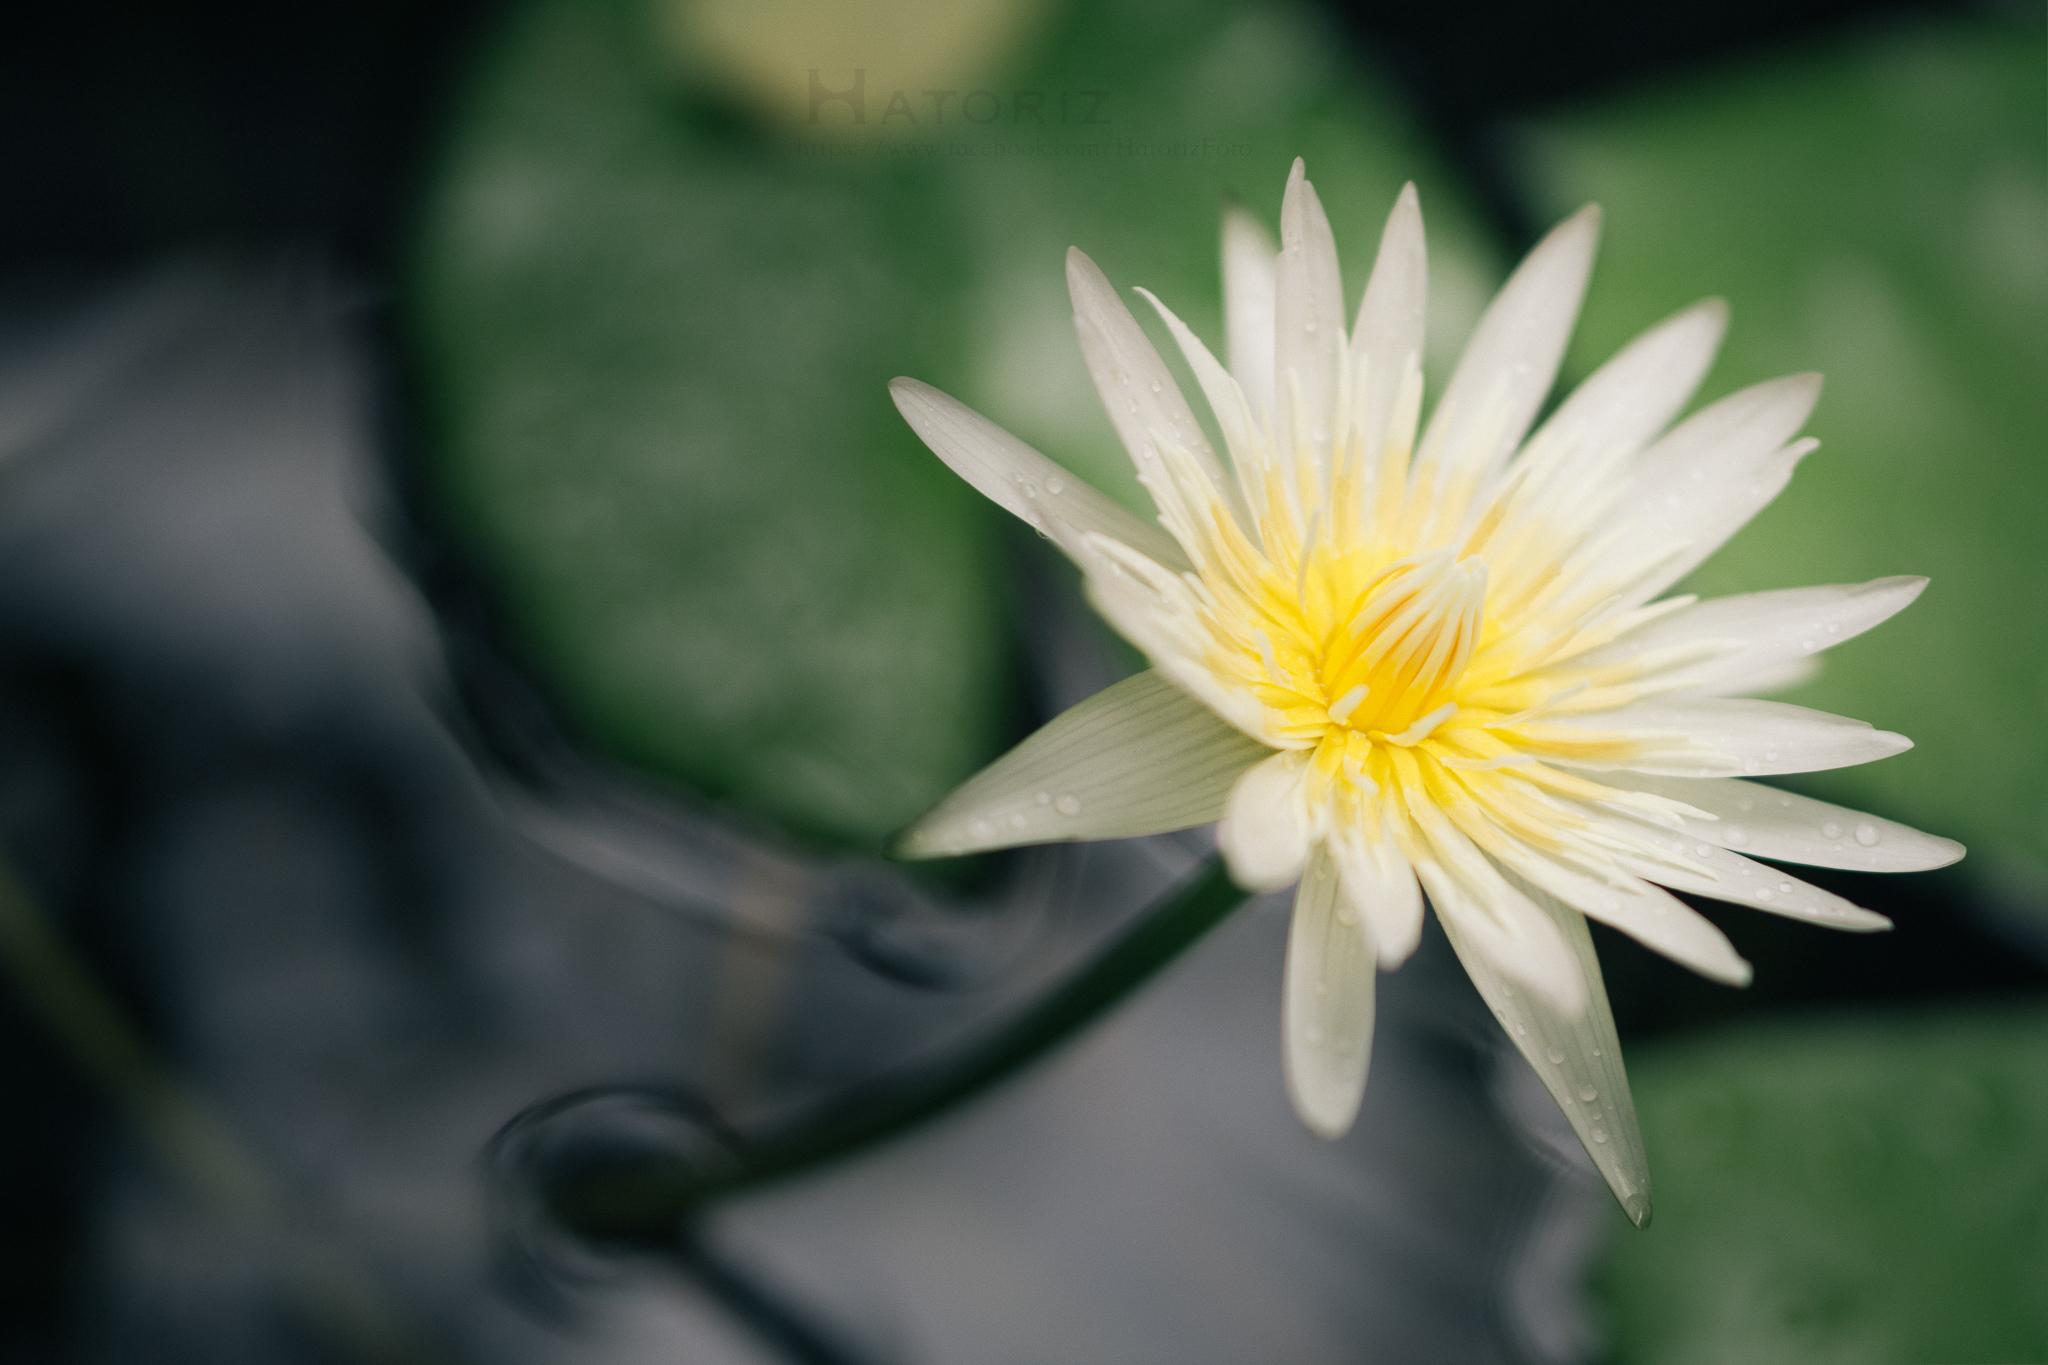 Lotus in koi pond flickr photo sharing for Koi fish pond lotus